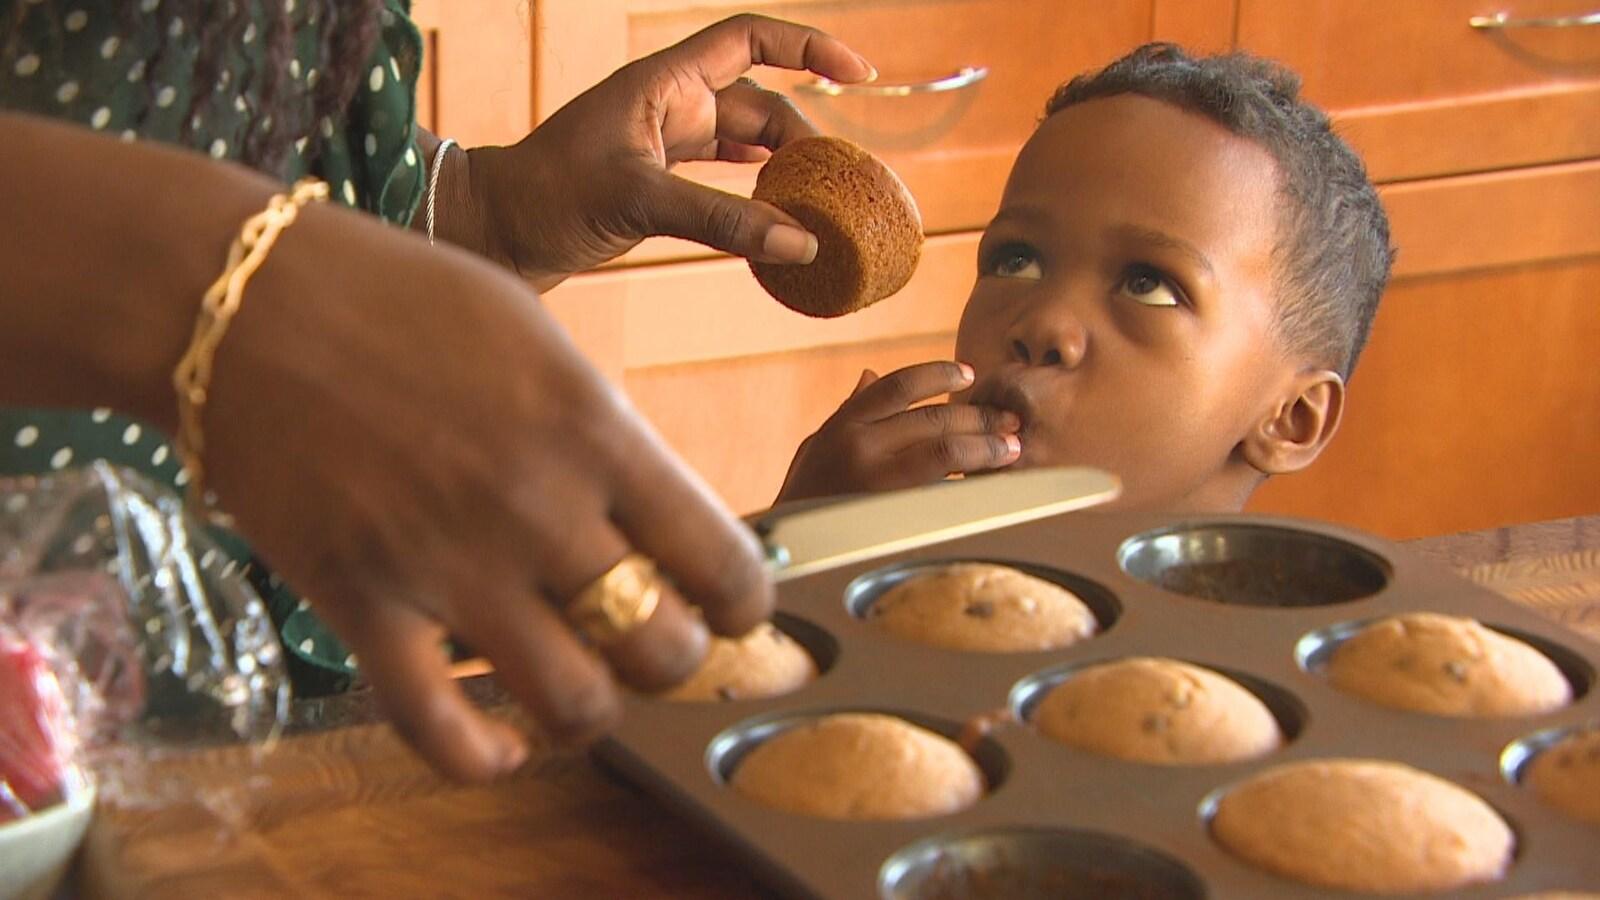 Un jeune garçon se lèche les doigts tandis que sa mère lui tend un muffin sorti du four.